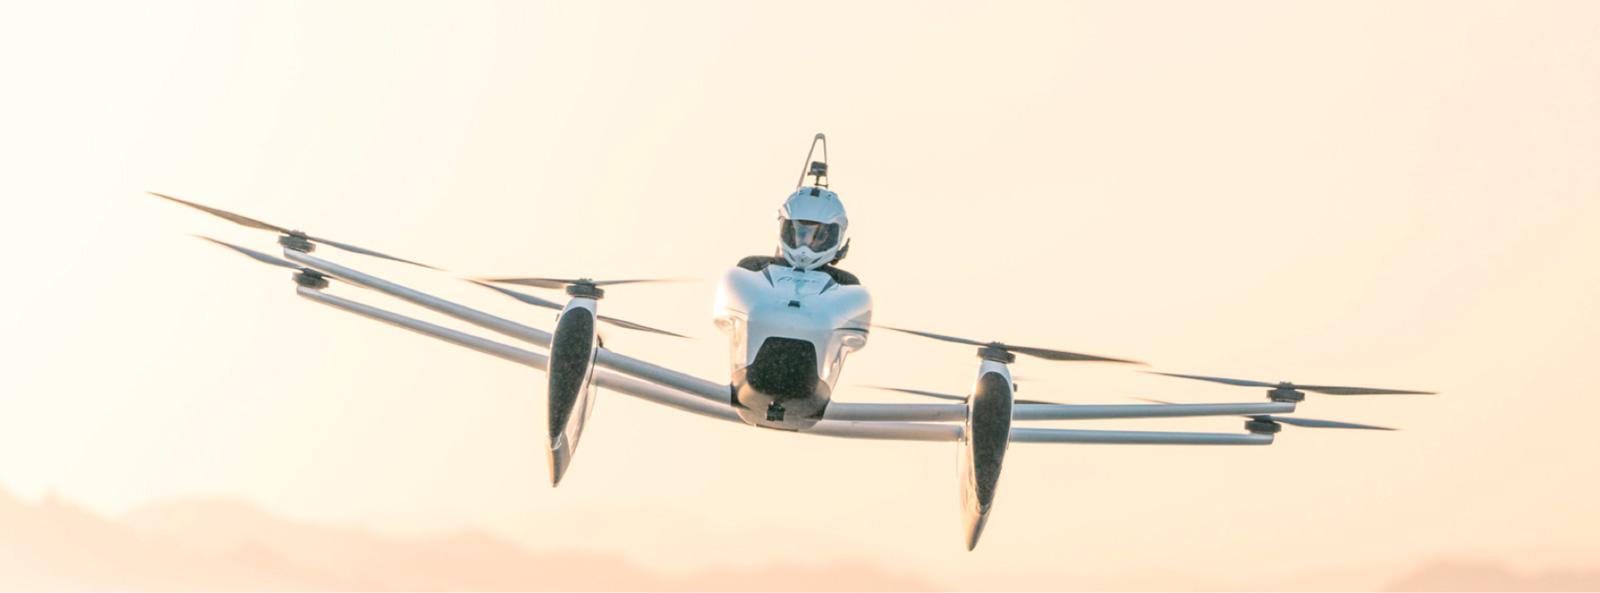 Bereits 150 Prototypen: das Startup Kittyhawk